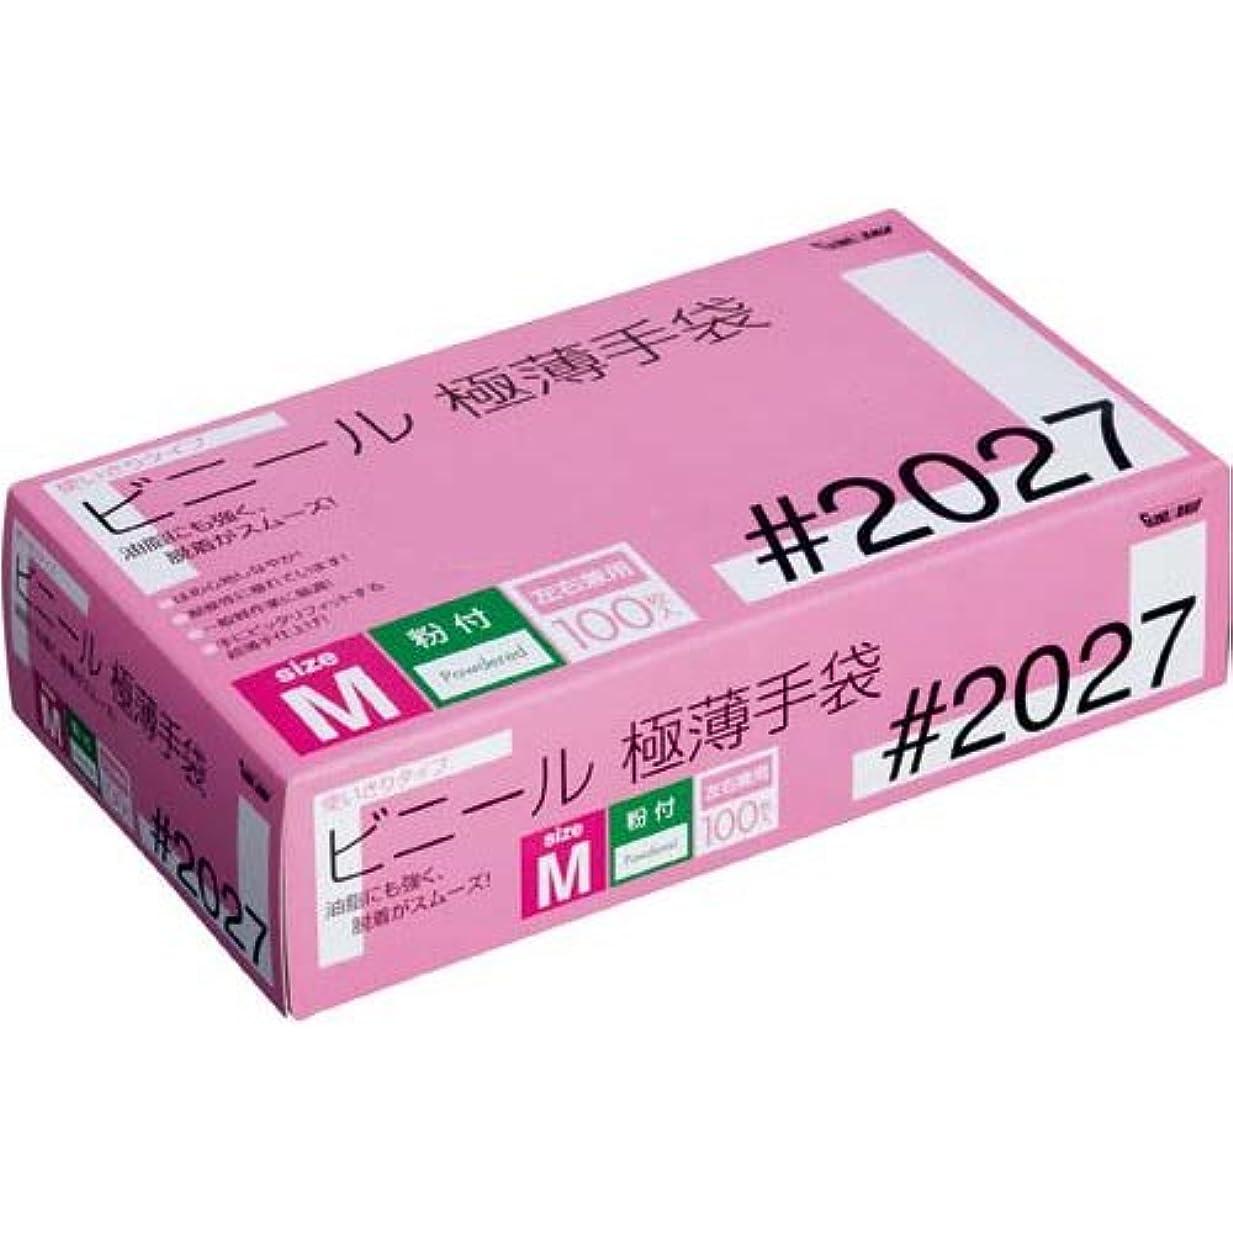 反対する連続的へこみ川西工業 ビニール使い切り手袋 粉付 M100枚×10